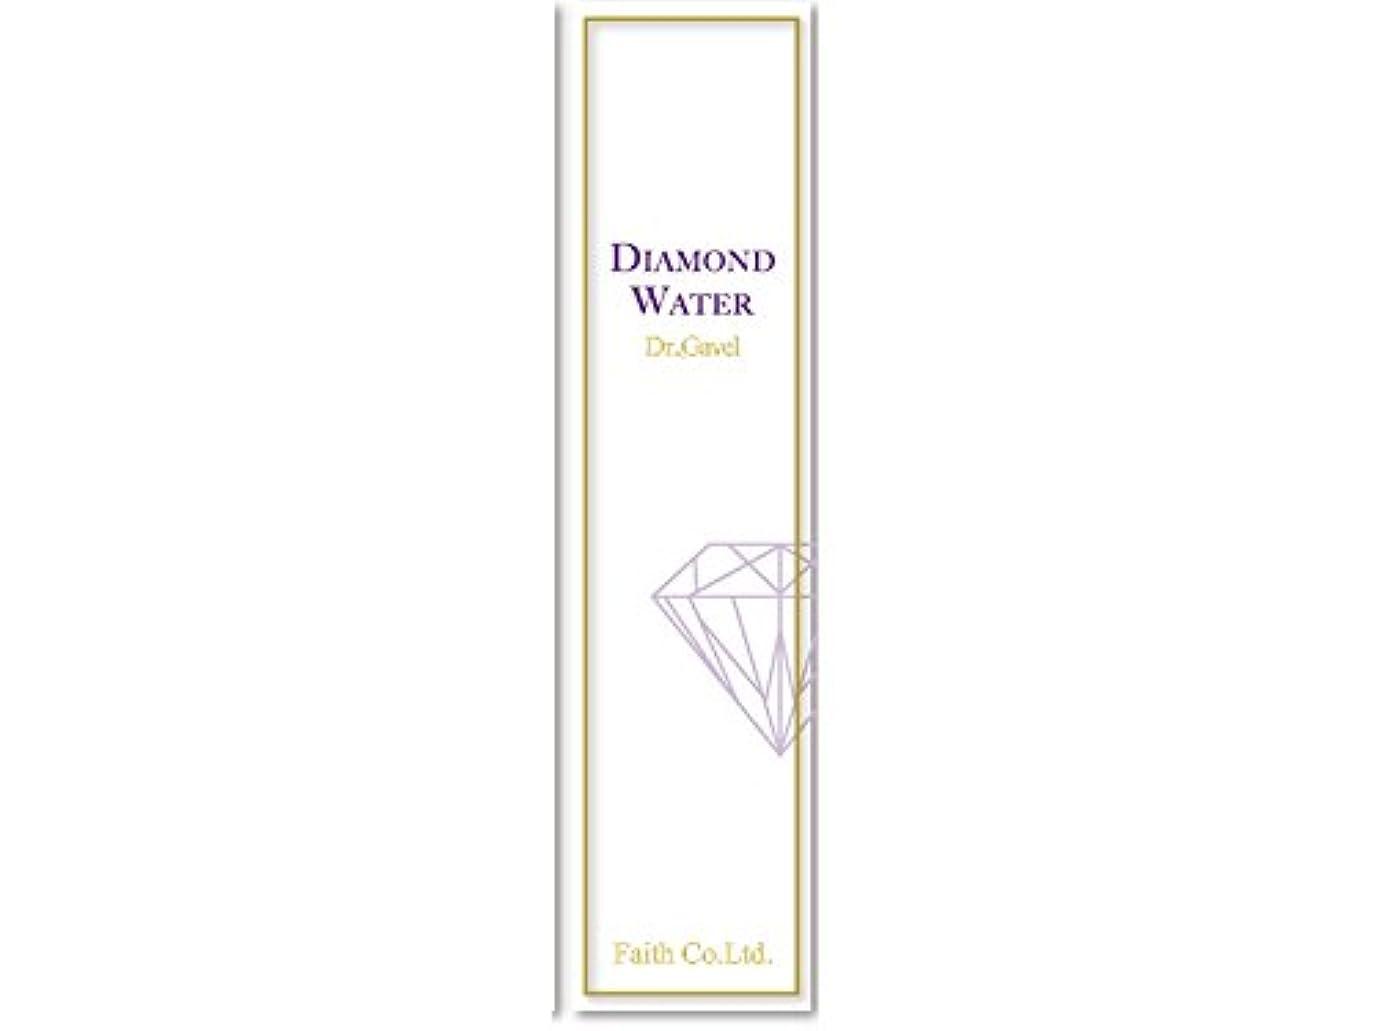 サスペンション克服する光沢のあるDr.Gavel用 DIAMOND WATER (ダイヤモンドウォーター)150ml